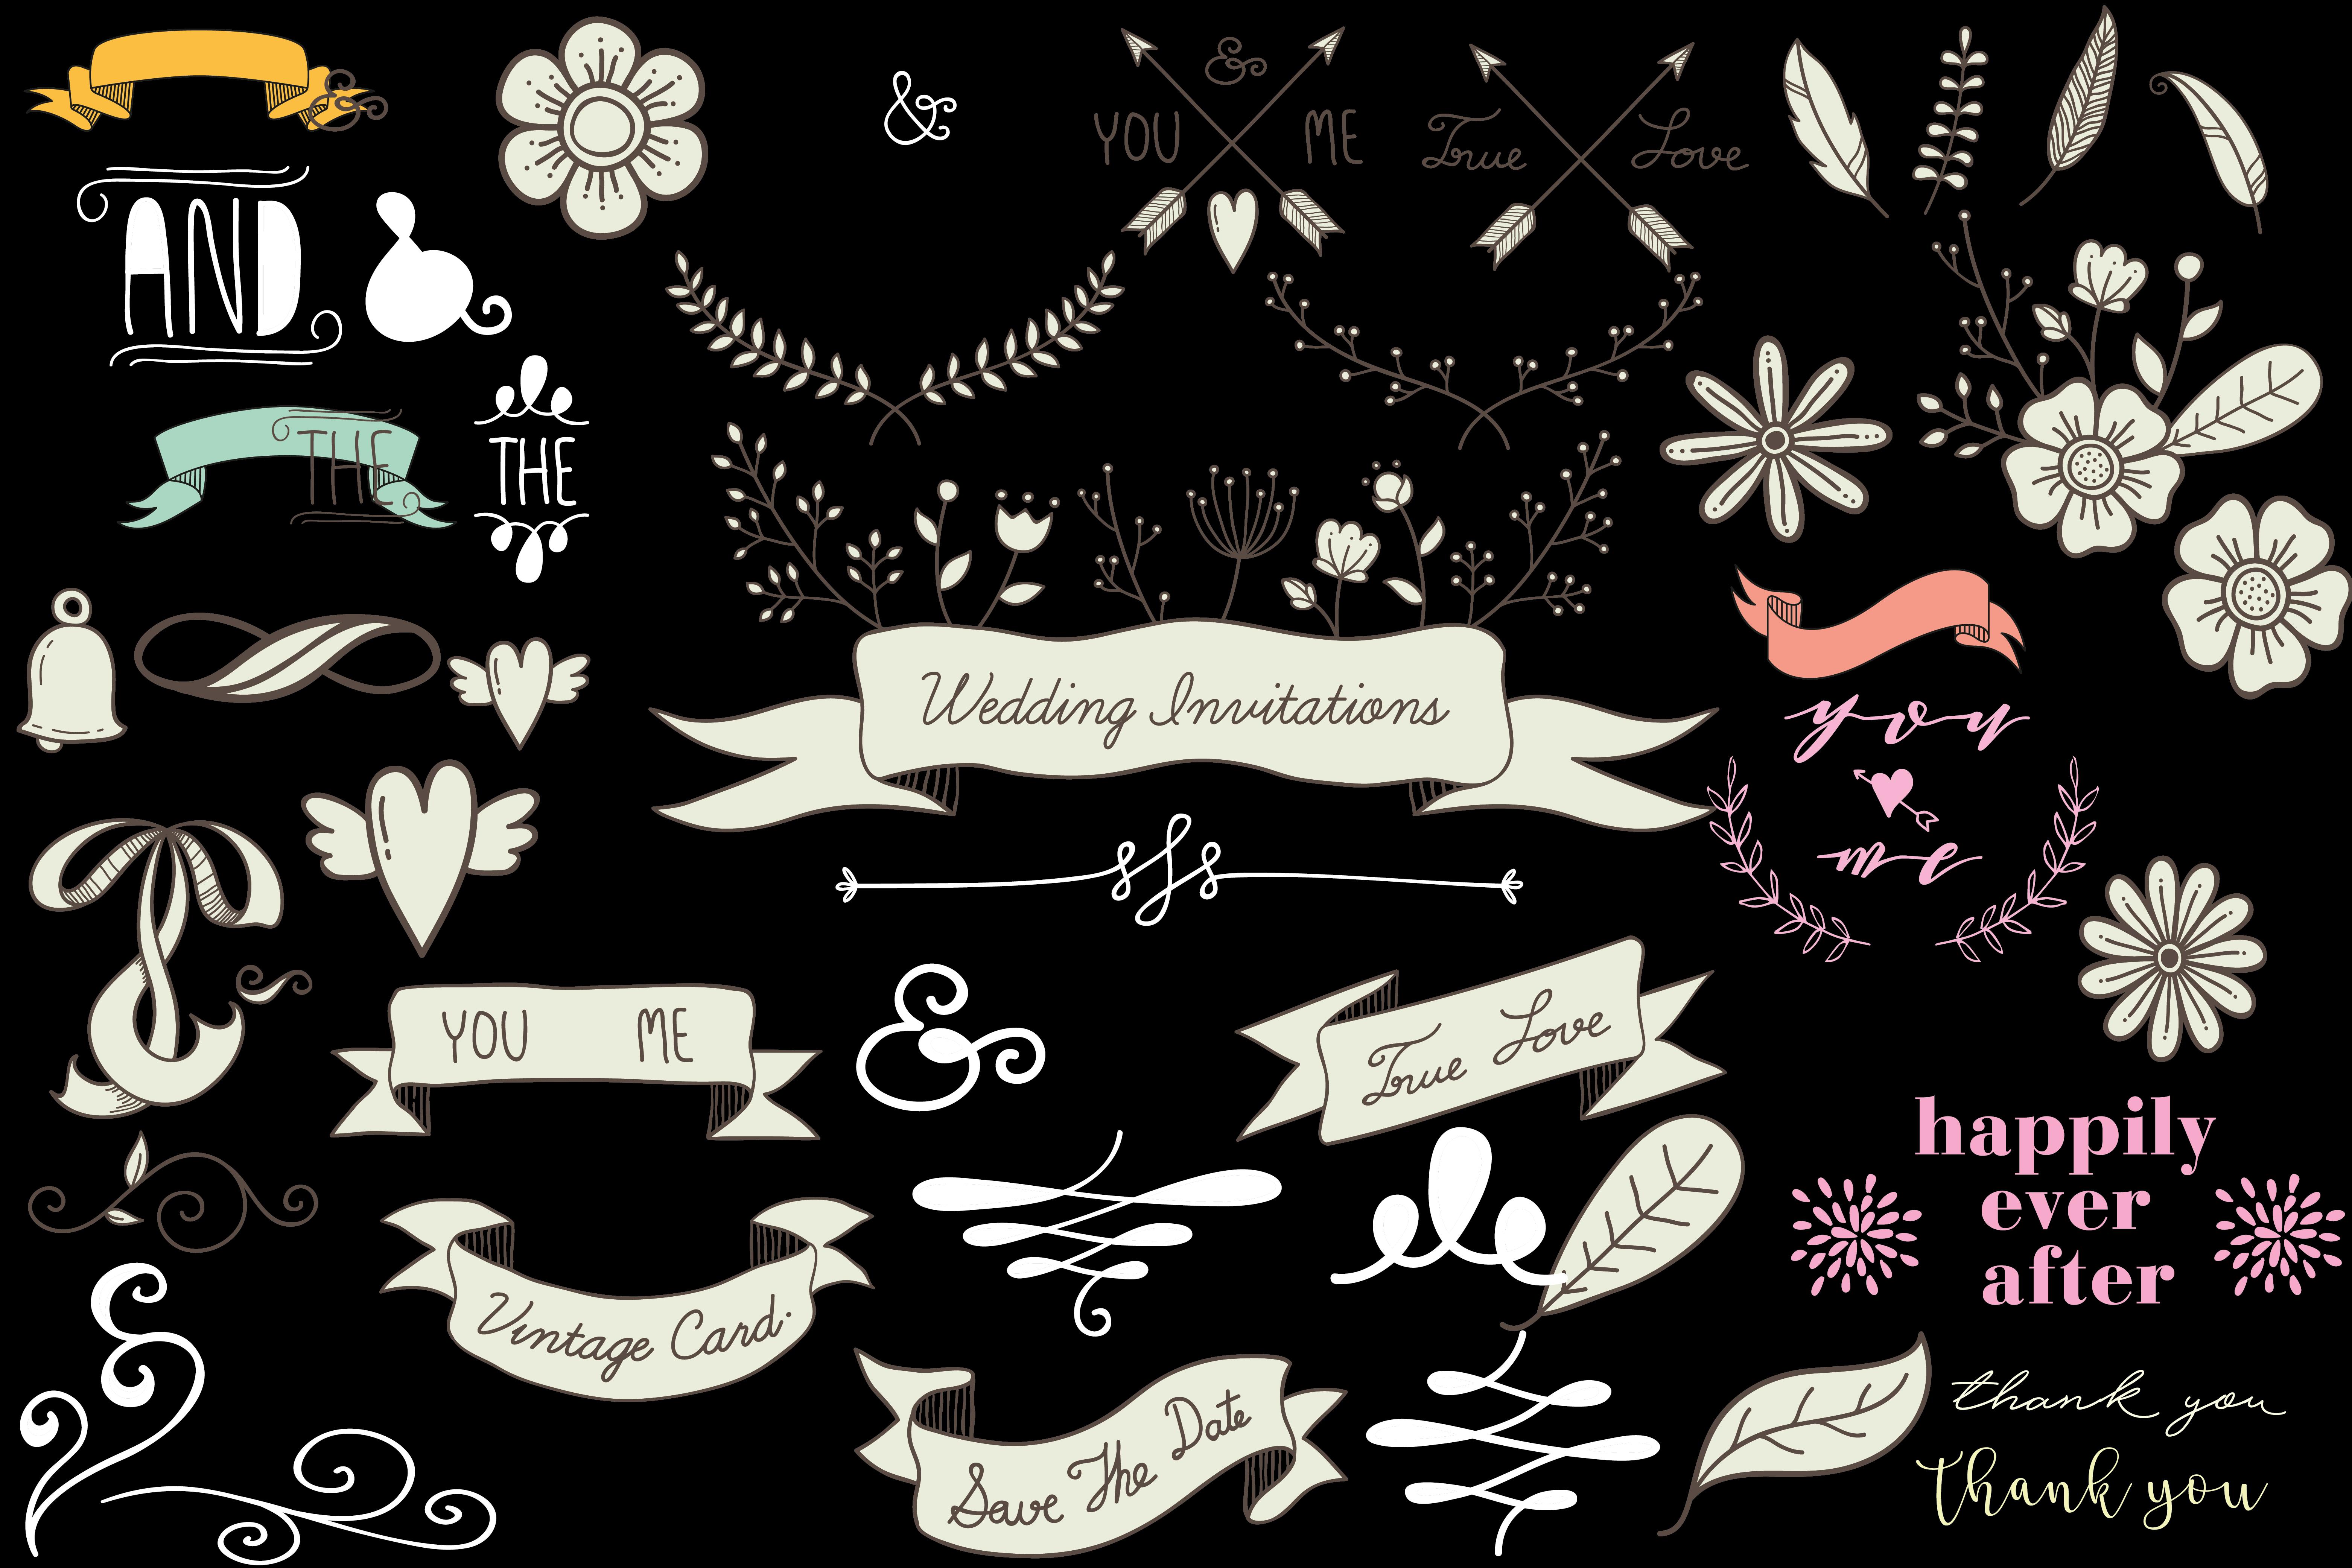 wedding elements,wedding cards,wedding,anniversry,wedding wreaths,floral wedding elements,wedding patterns,wedding cards,wedding,elements example image 3